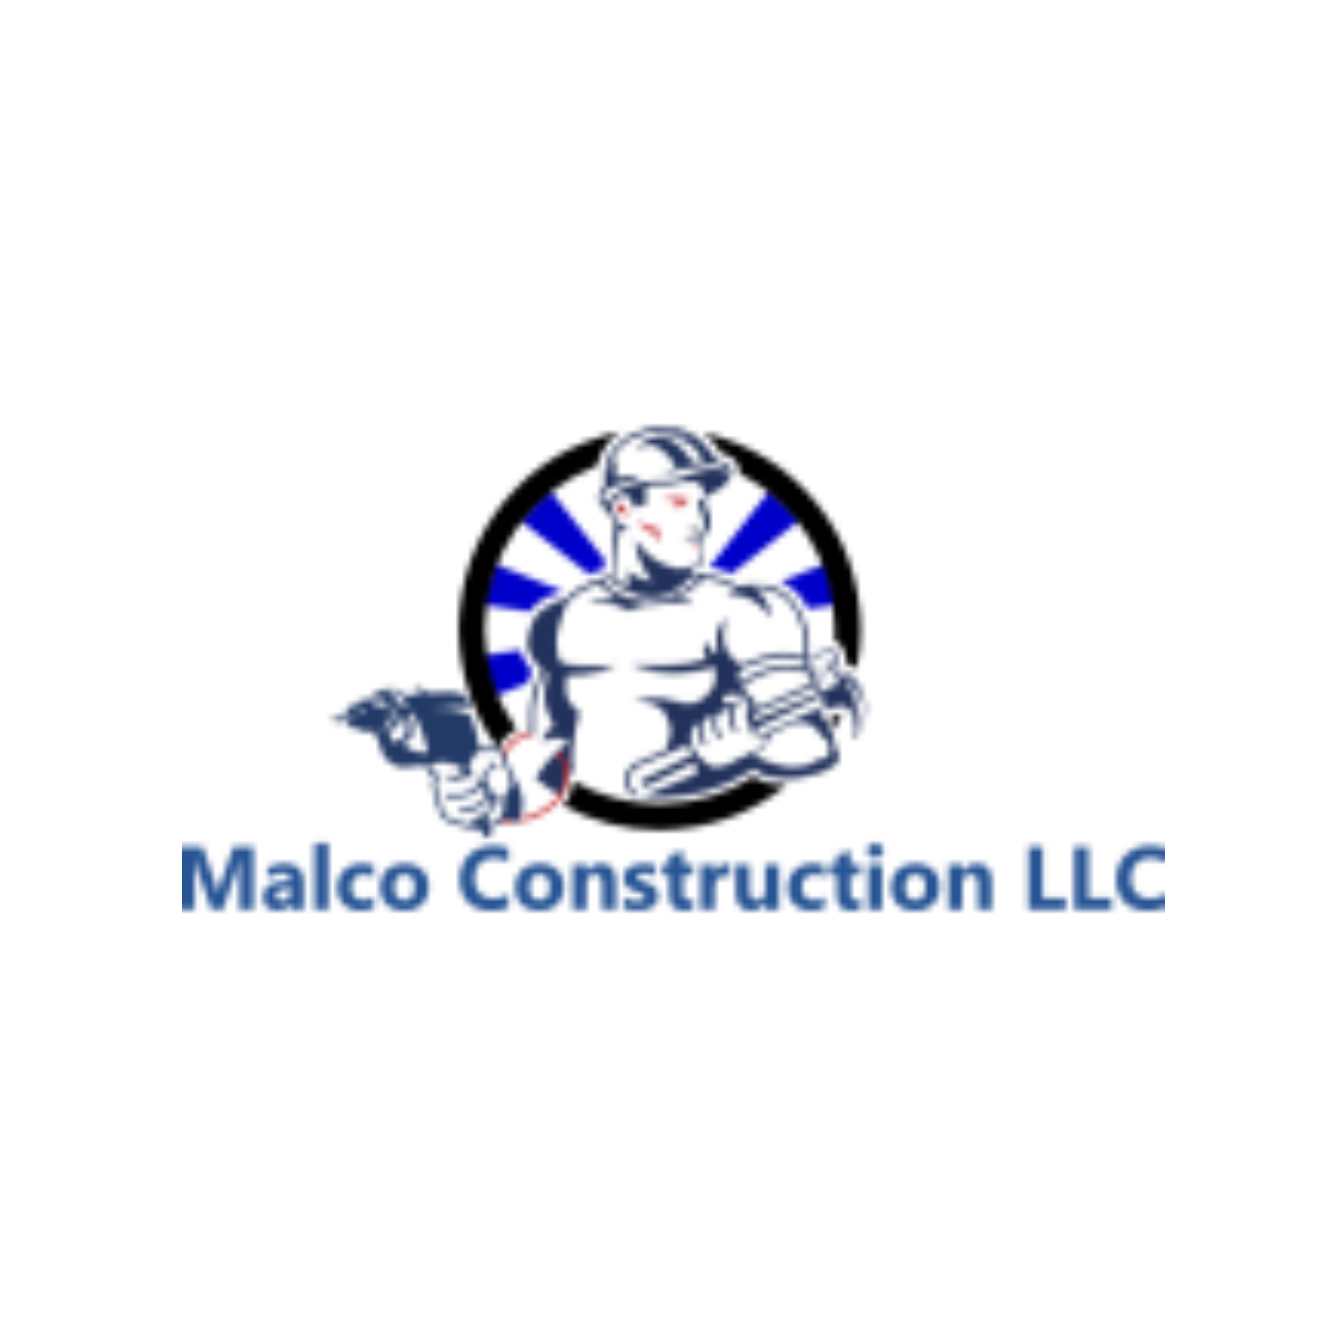 Malco Construction LLC - Argyle, TX 76226 - (214)708-9564 | ShowMeLocal.com